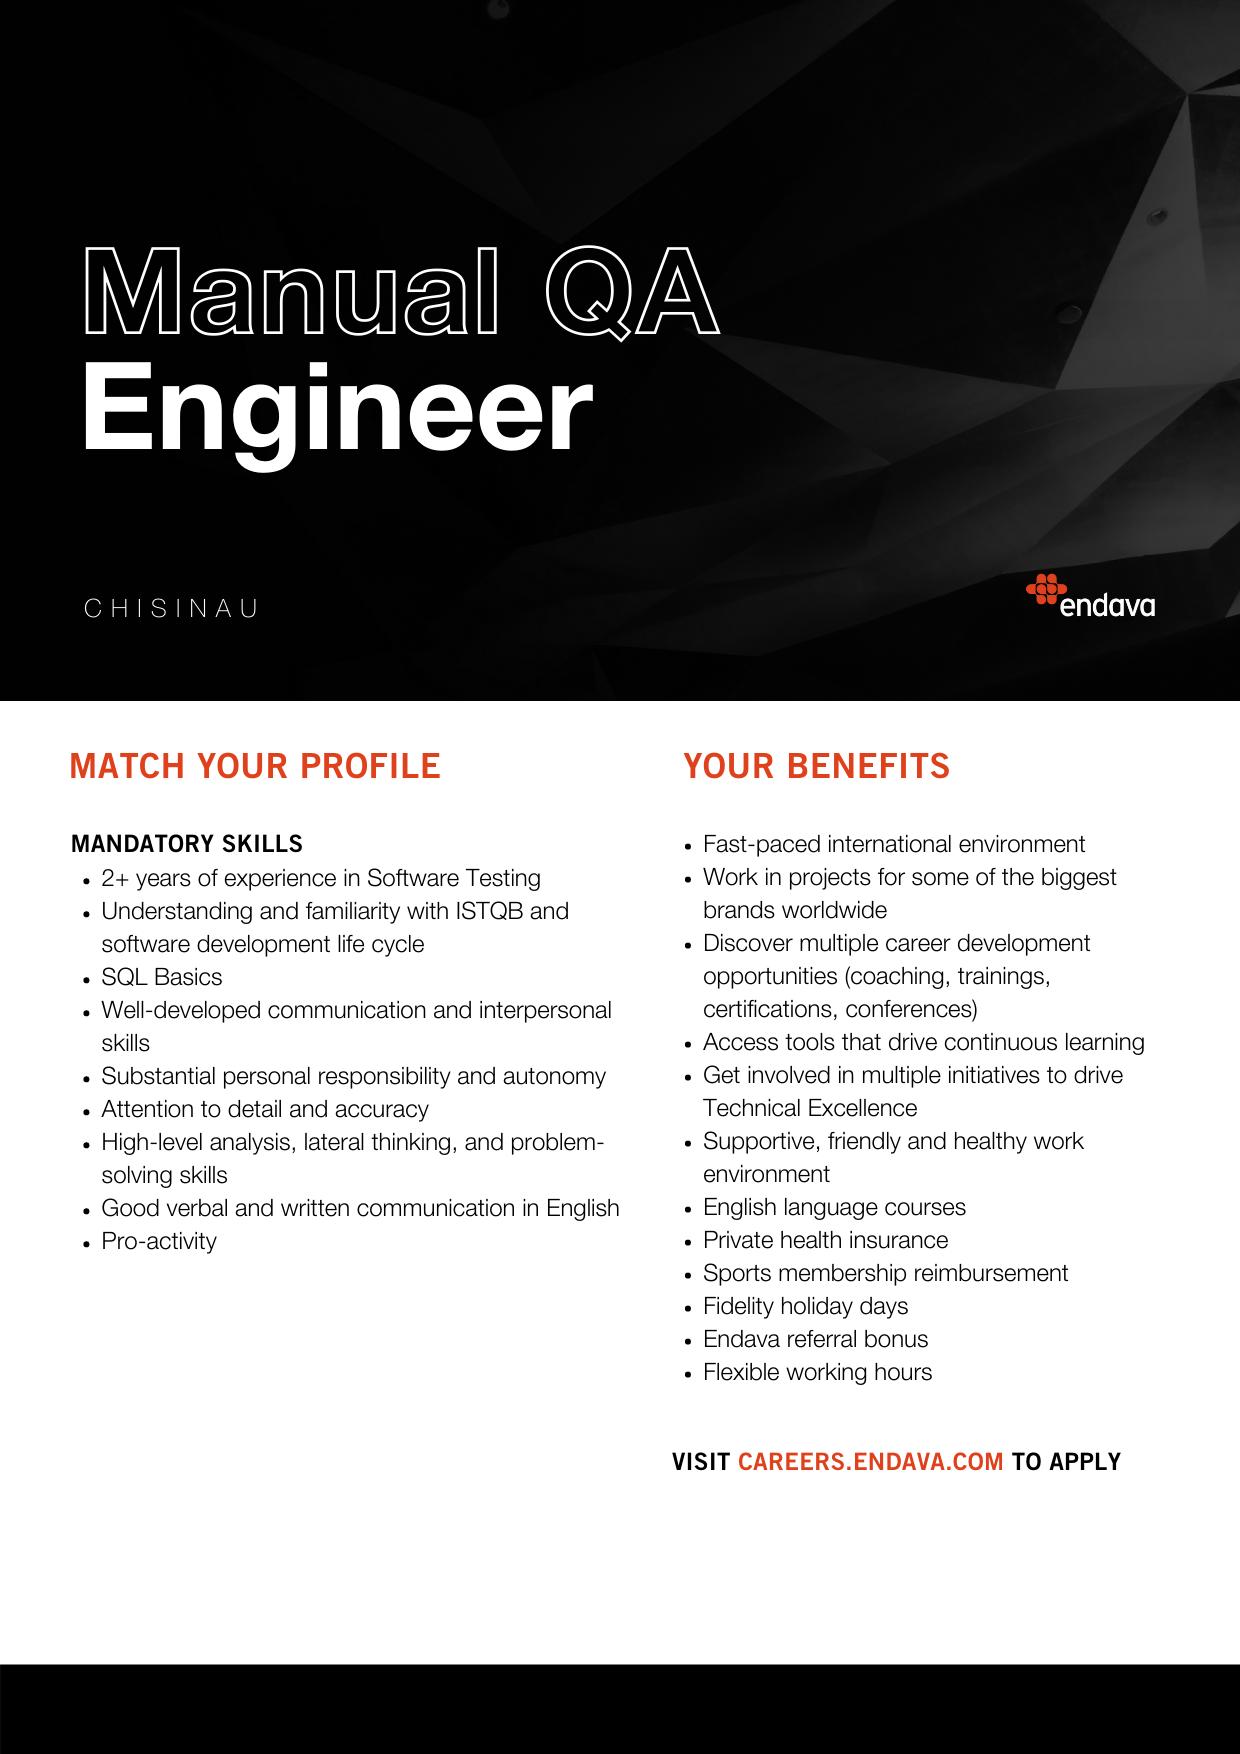 Manual QA Engineer at Endava